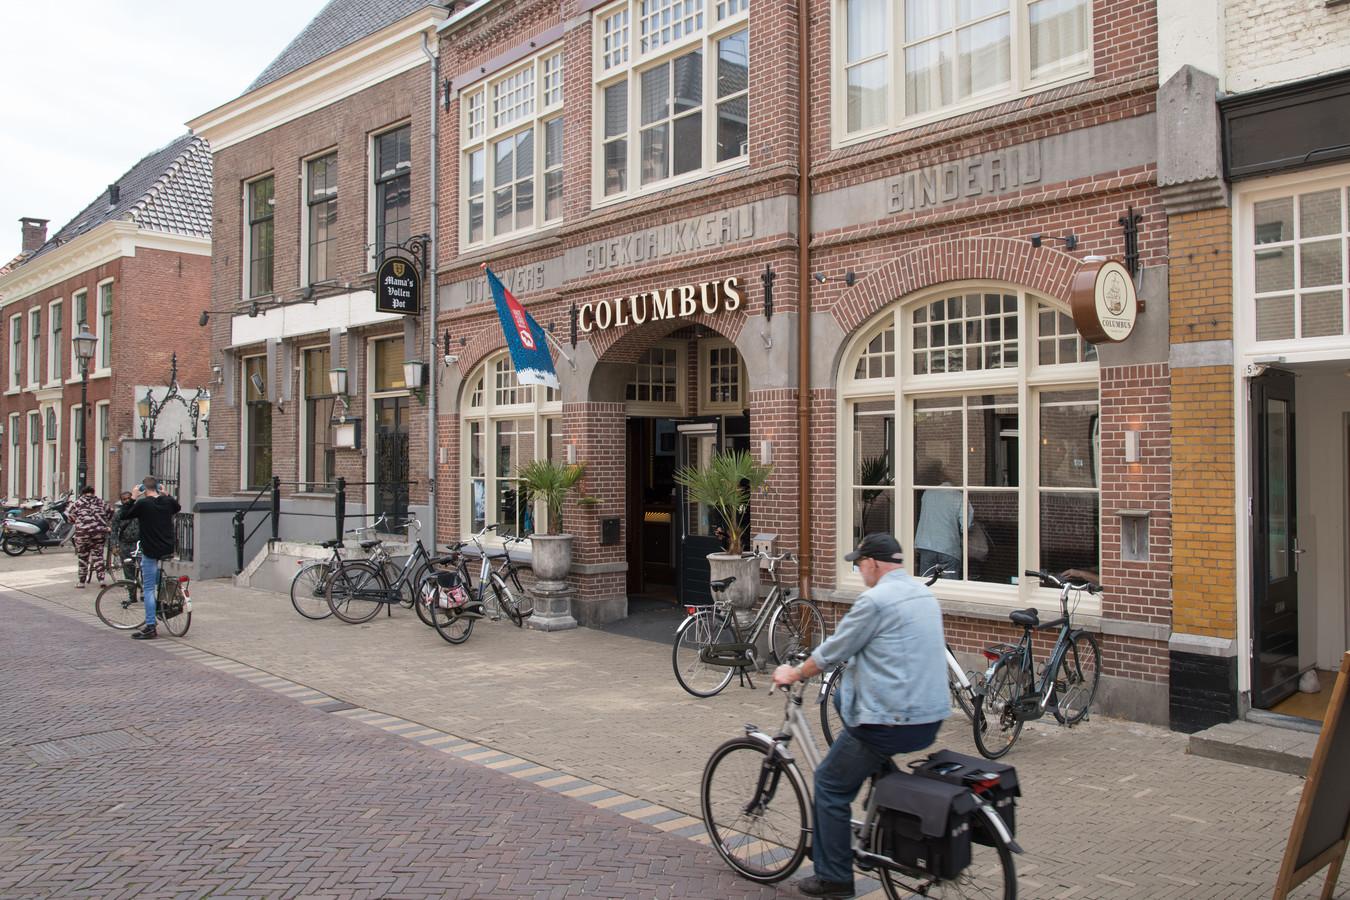 Het bestuur van de cannabiswinkel Columbus in de Vijhestraat in Harderwijk wil graag meedoen aan de landelijke wietproef, zodat zowel de verkoop als de inkoop legaal zijn.